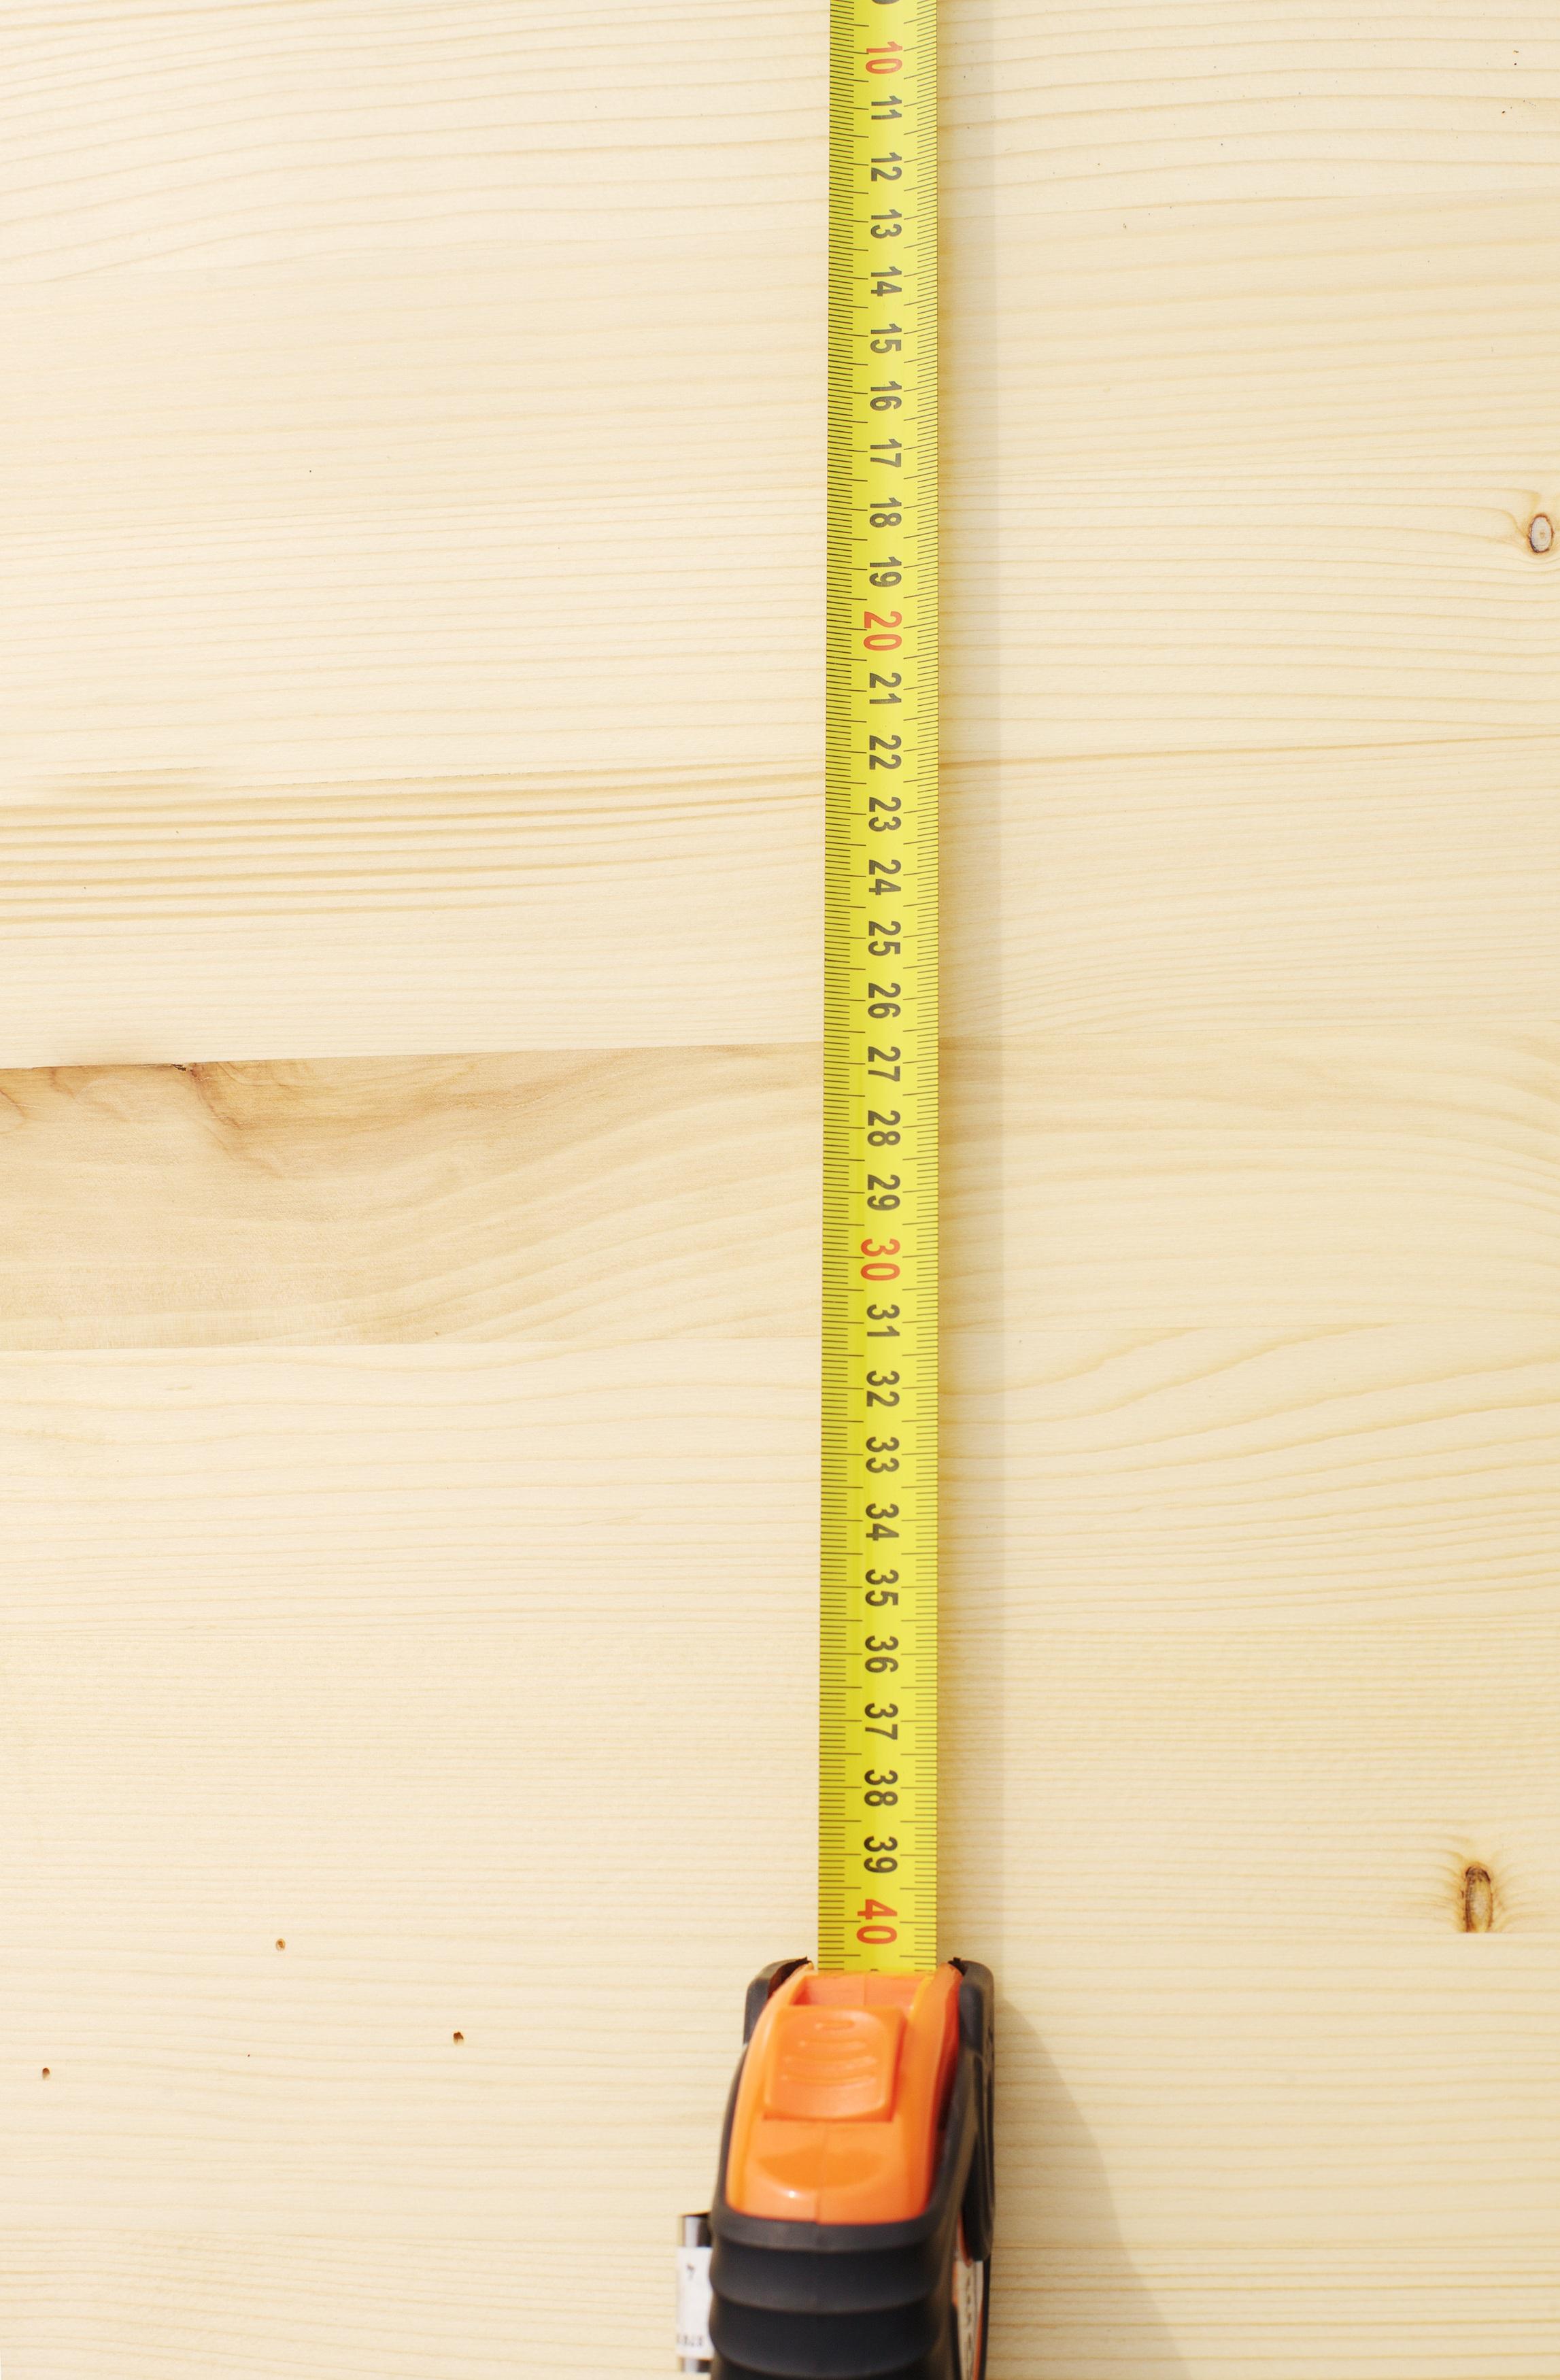 Kostenlose Foto Zaun Holz Gitarre Werkzeug Entfernung Meter